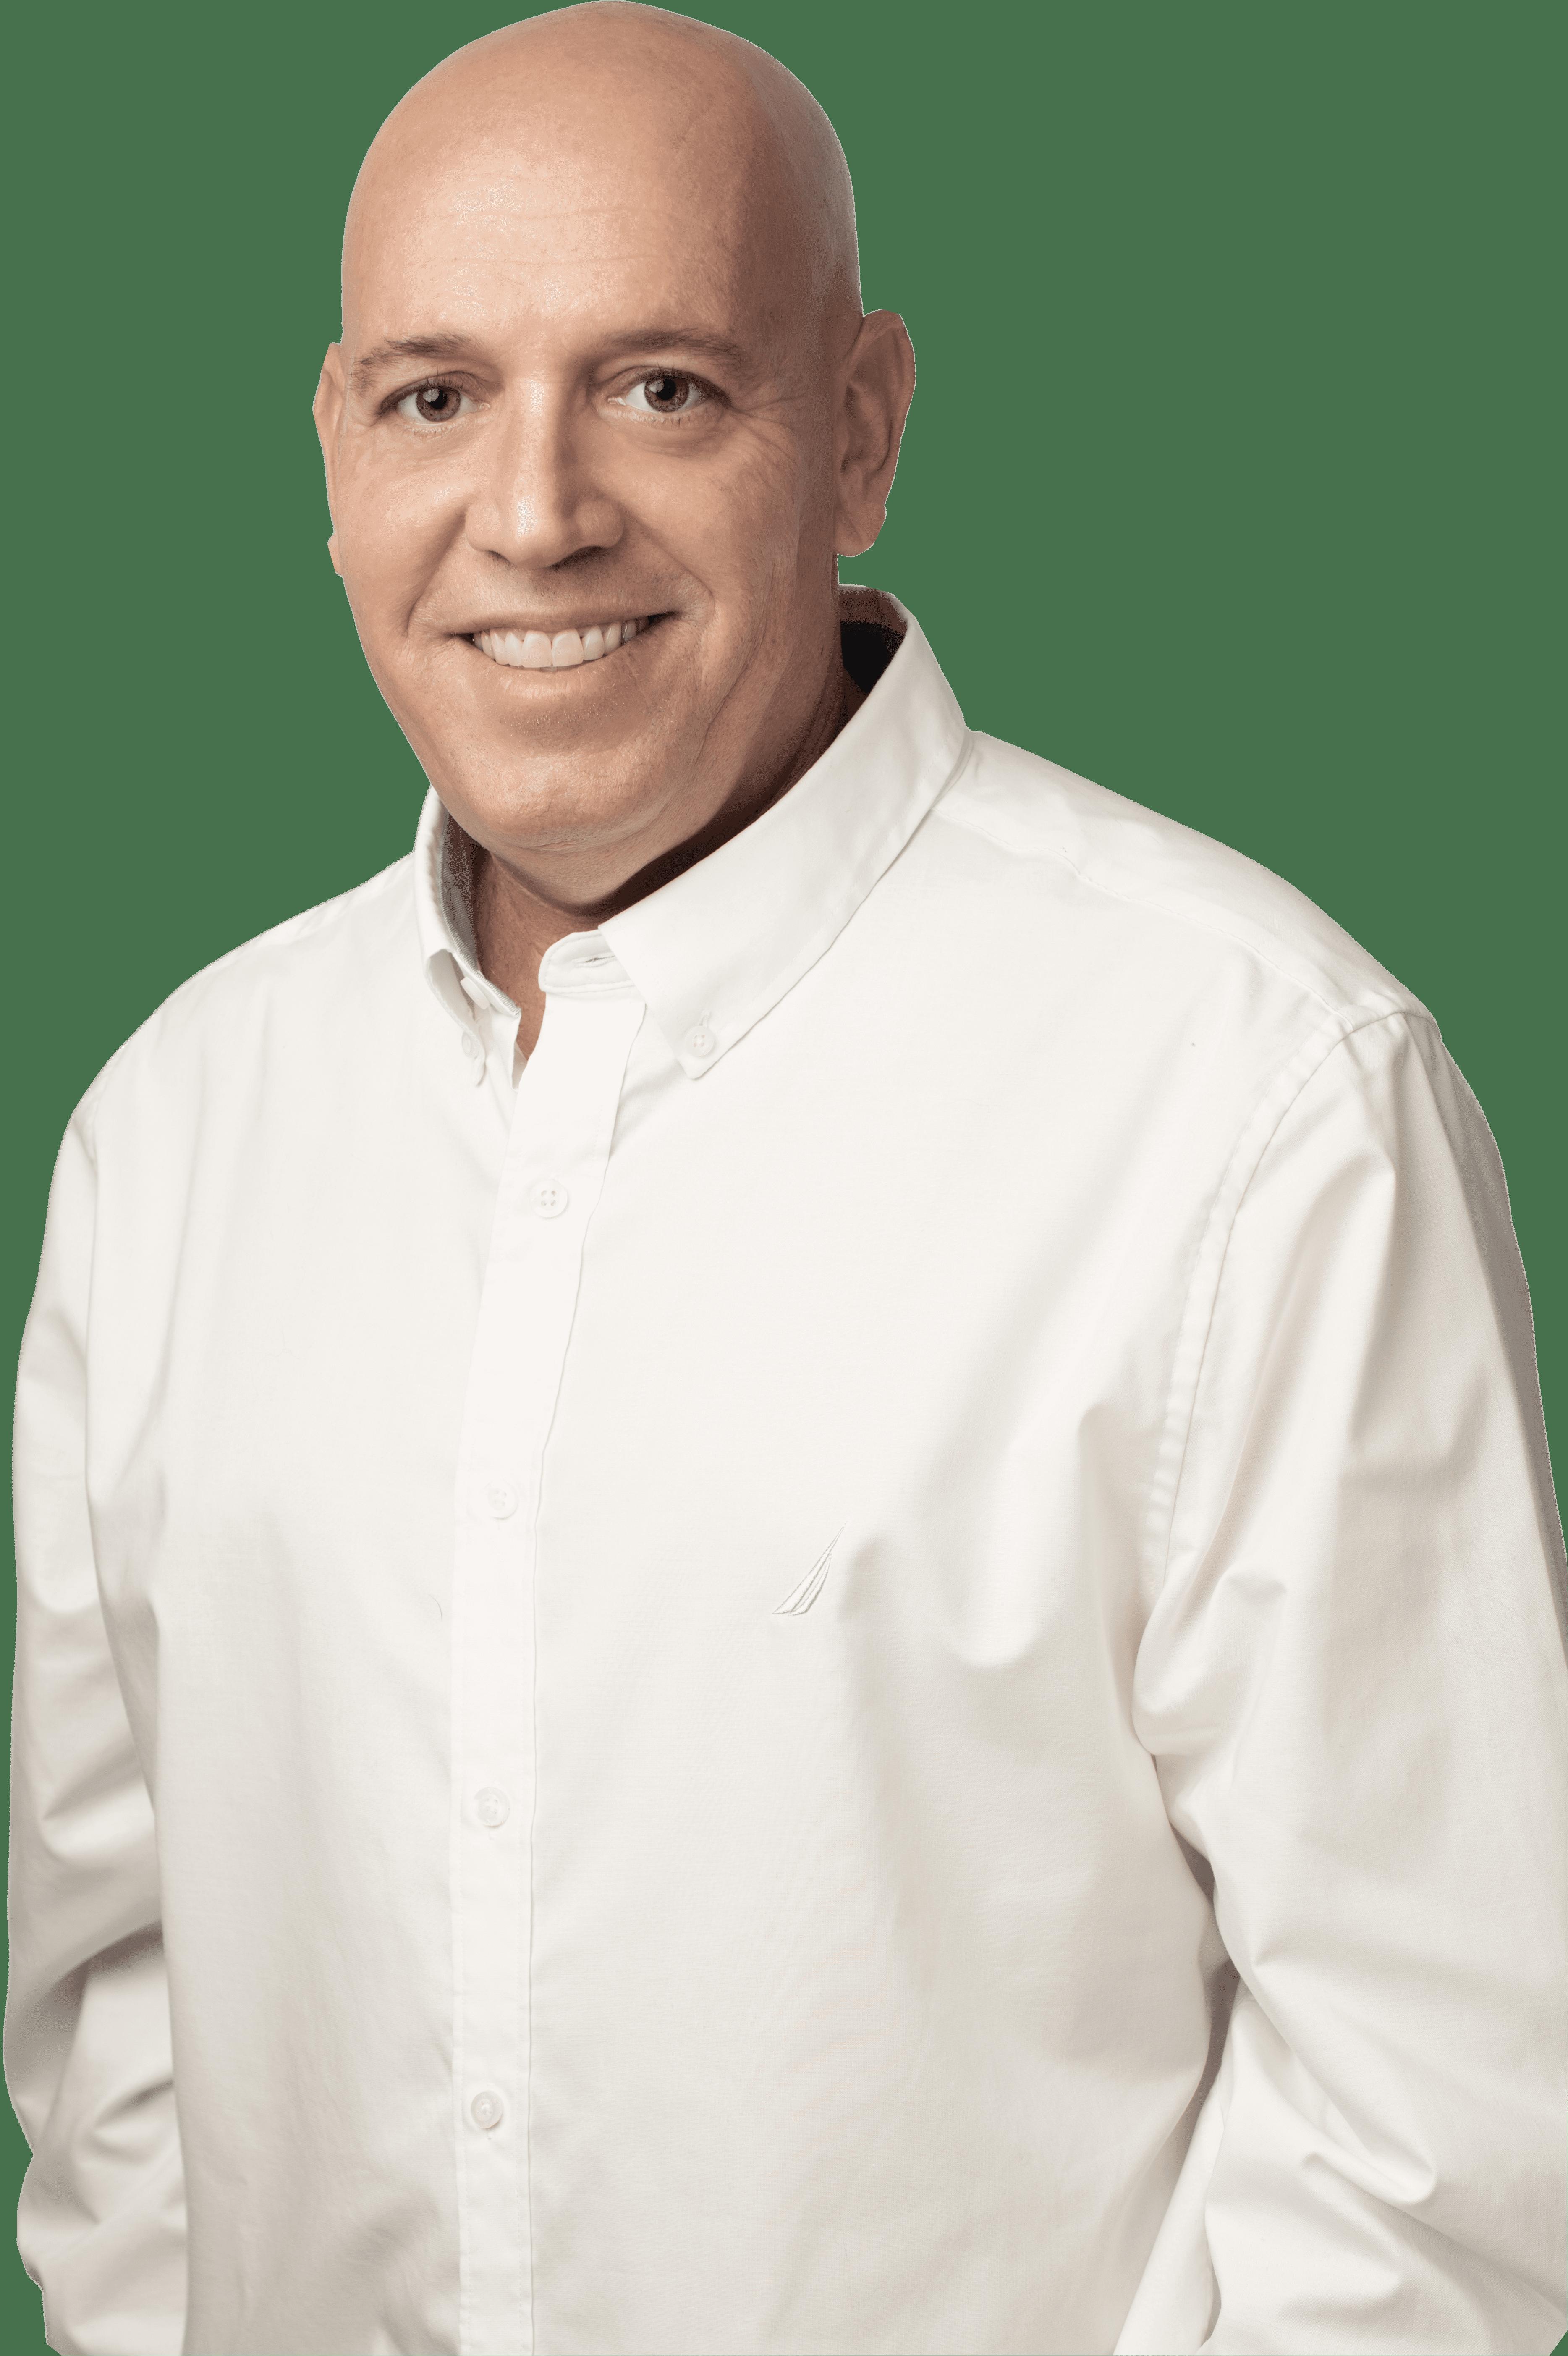 לירון רוטביין - בעלים ומנהל המשרד